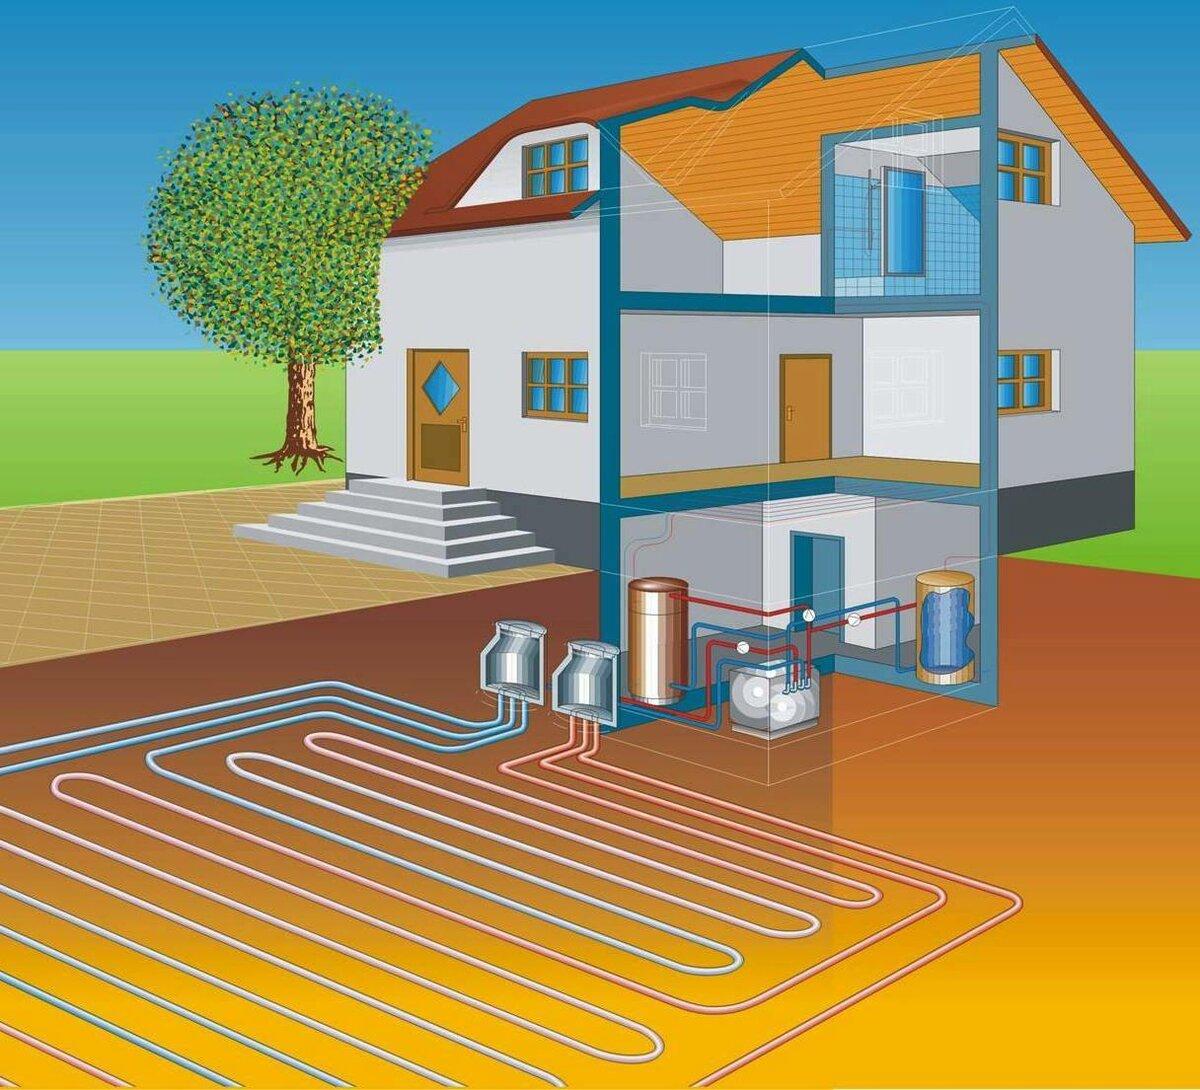 Обзор видов альтернативного отопления частного дома и рекомендации по самостоятельному изготовлению и подбору компонентов